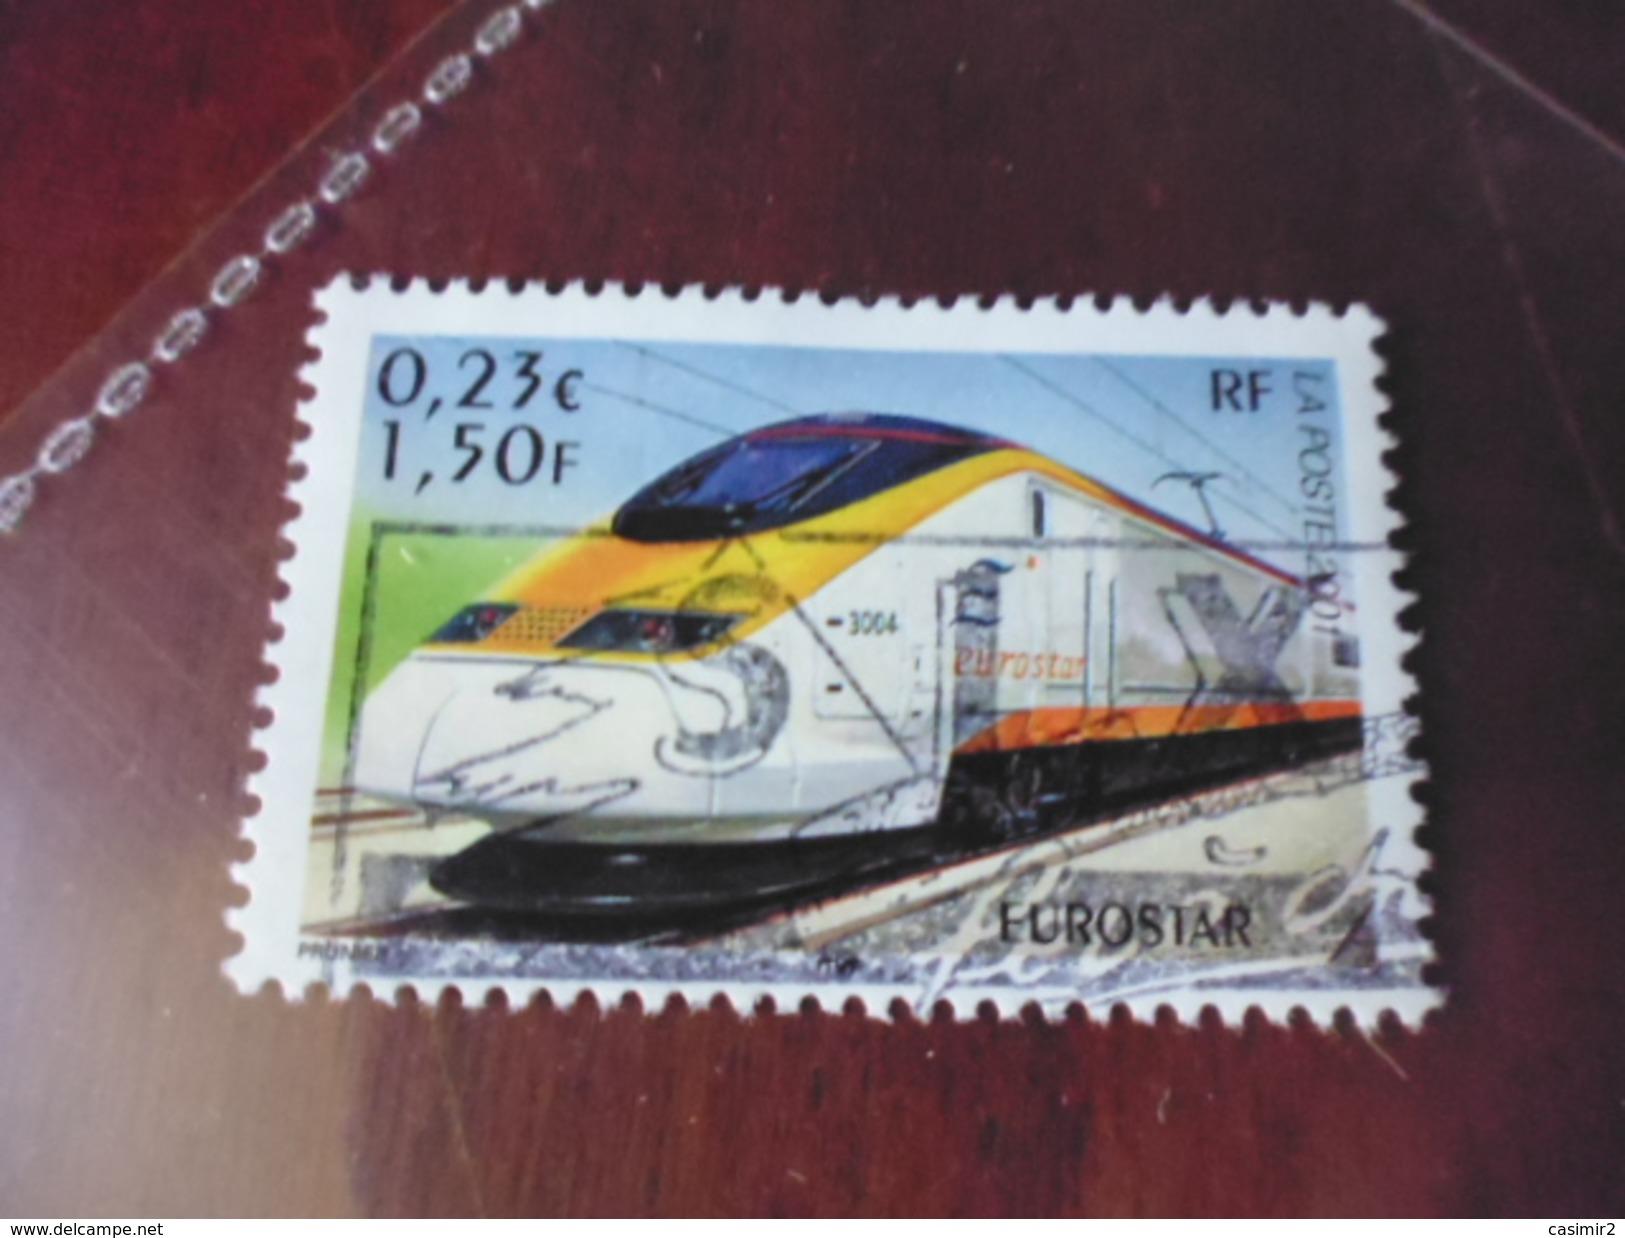 OBLITERATION CHOISIE  SUR TIMBRE Yvert N° 3405 - Frankreich